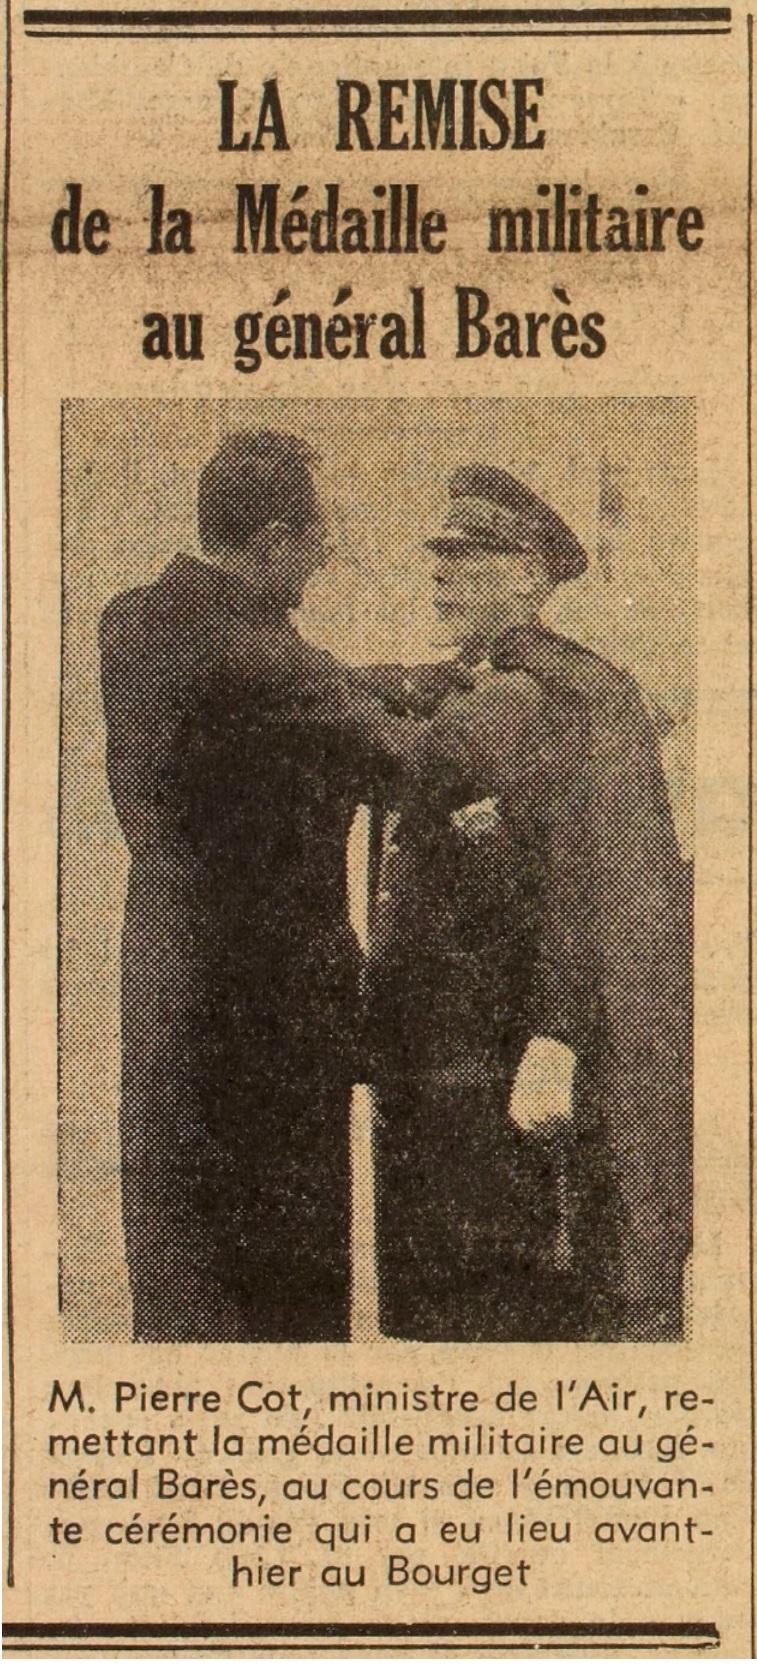 Les officiers généraux de l'armée de l'air 1939 1940 Gzonz804